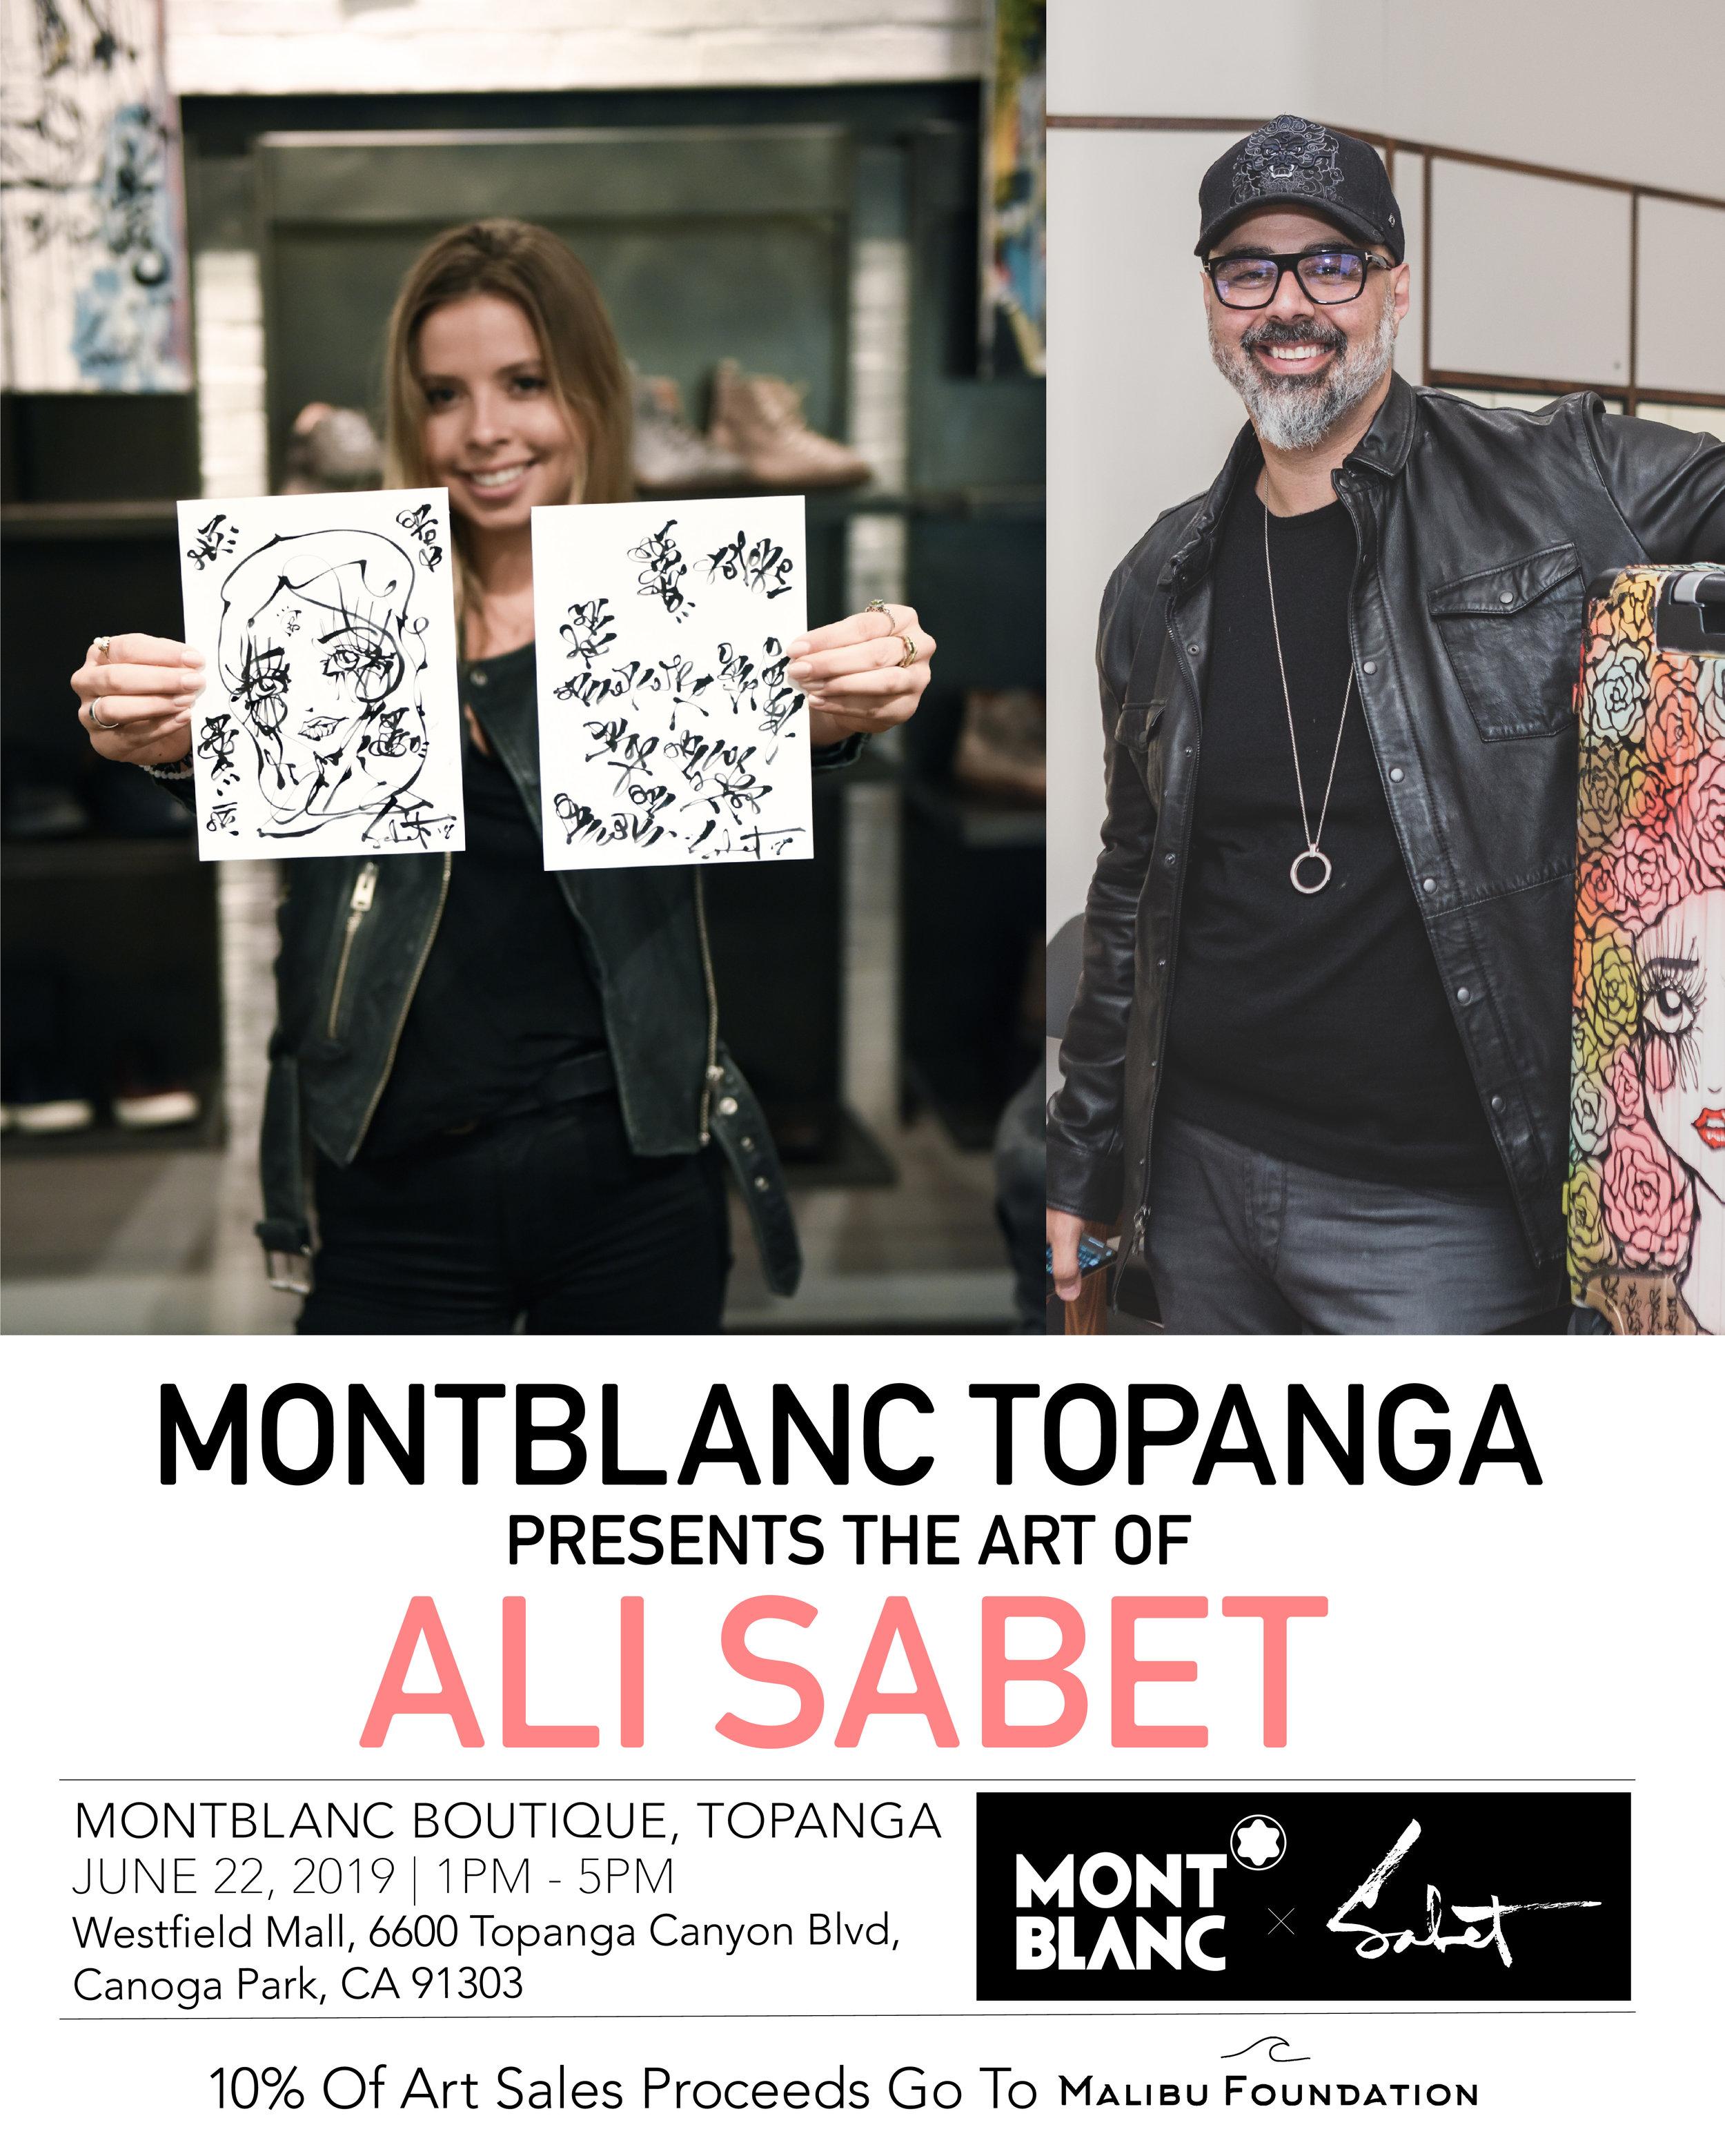 Montblanc_topanga-02.jpg